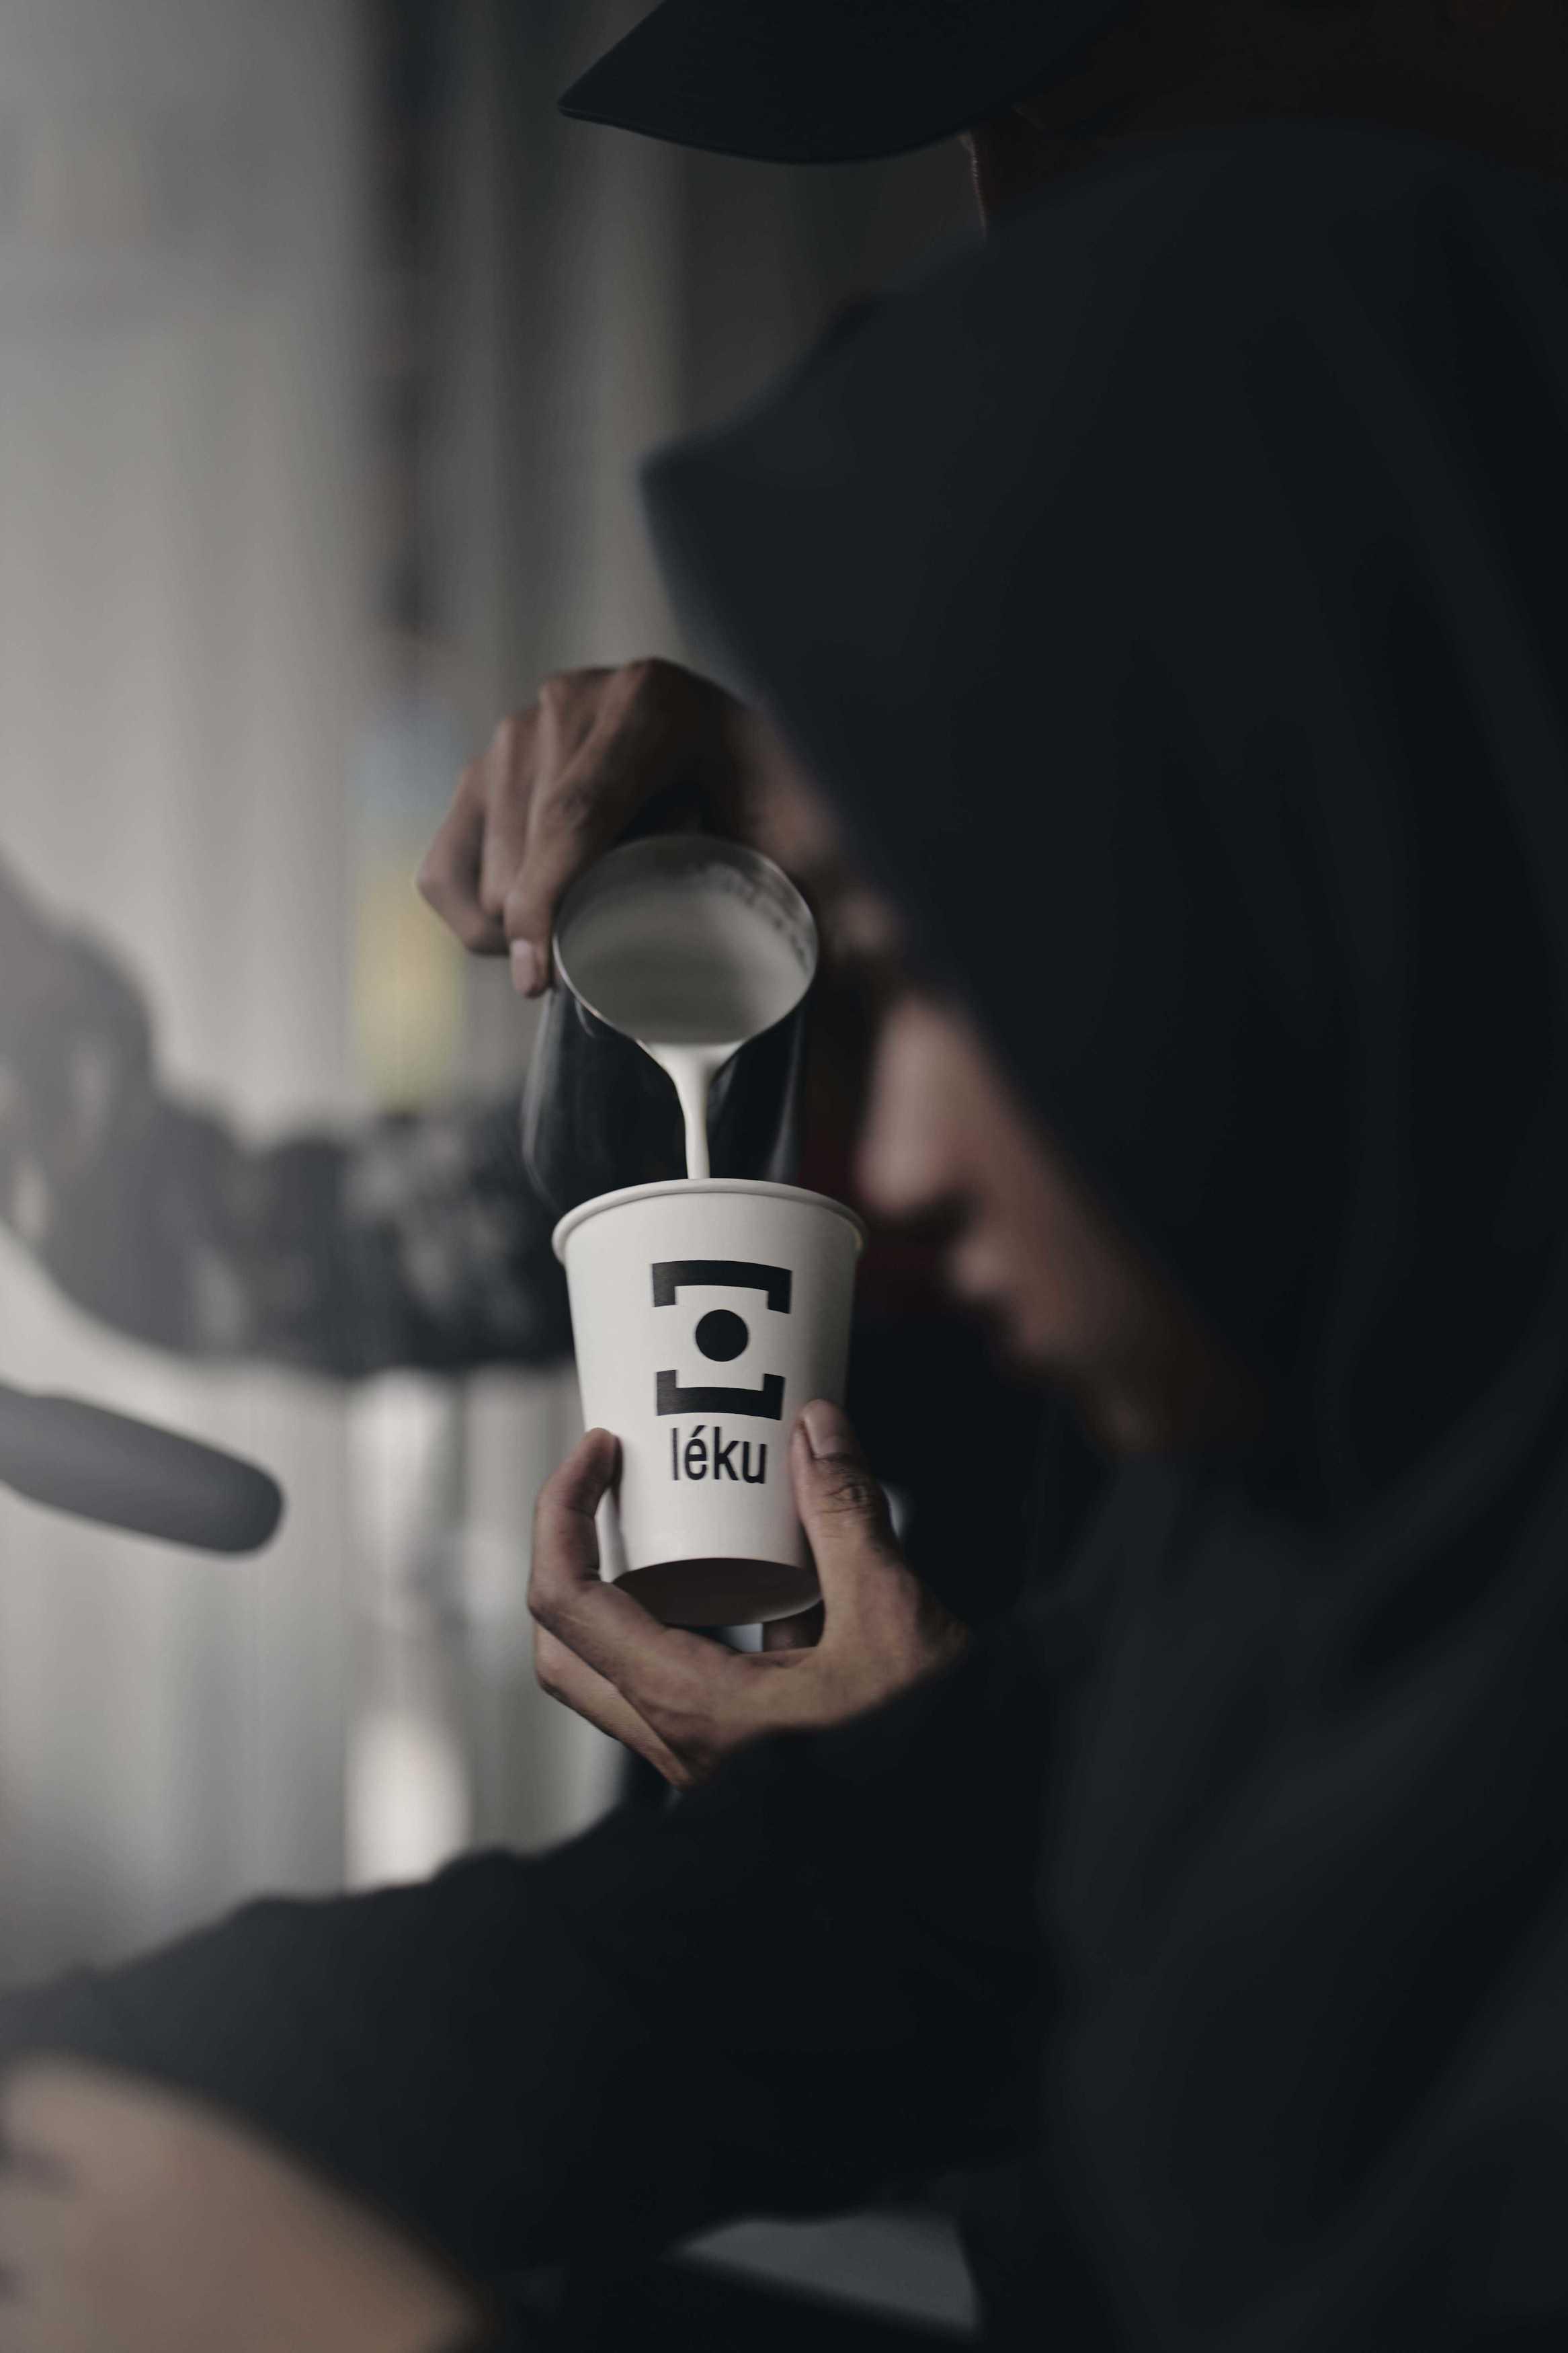 Total Renov Kopi Leku Jl. Bek Murad, Rt.9/rw.1, Kuningan, Karet Kuningan, Setia Budi, Kota Jakarta Selatan, Daerah Khusus Ibukota Jakarta, Indonesia Jl. Bek Murad, Rt.9/rw.1, Kuningan, Karet Kuningan, Setia Budi, Kota Jakarta Selatan, Daerah Khusus Ibukota Jakarta, Indonesia Kopi Leku Industrial Kopi Leku Industrial Concept 78336